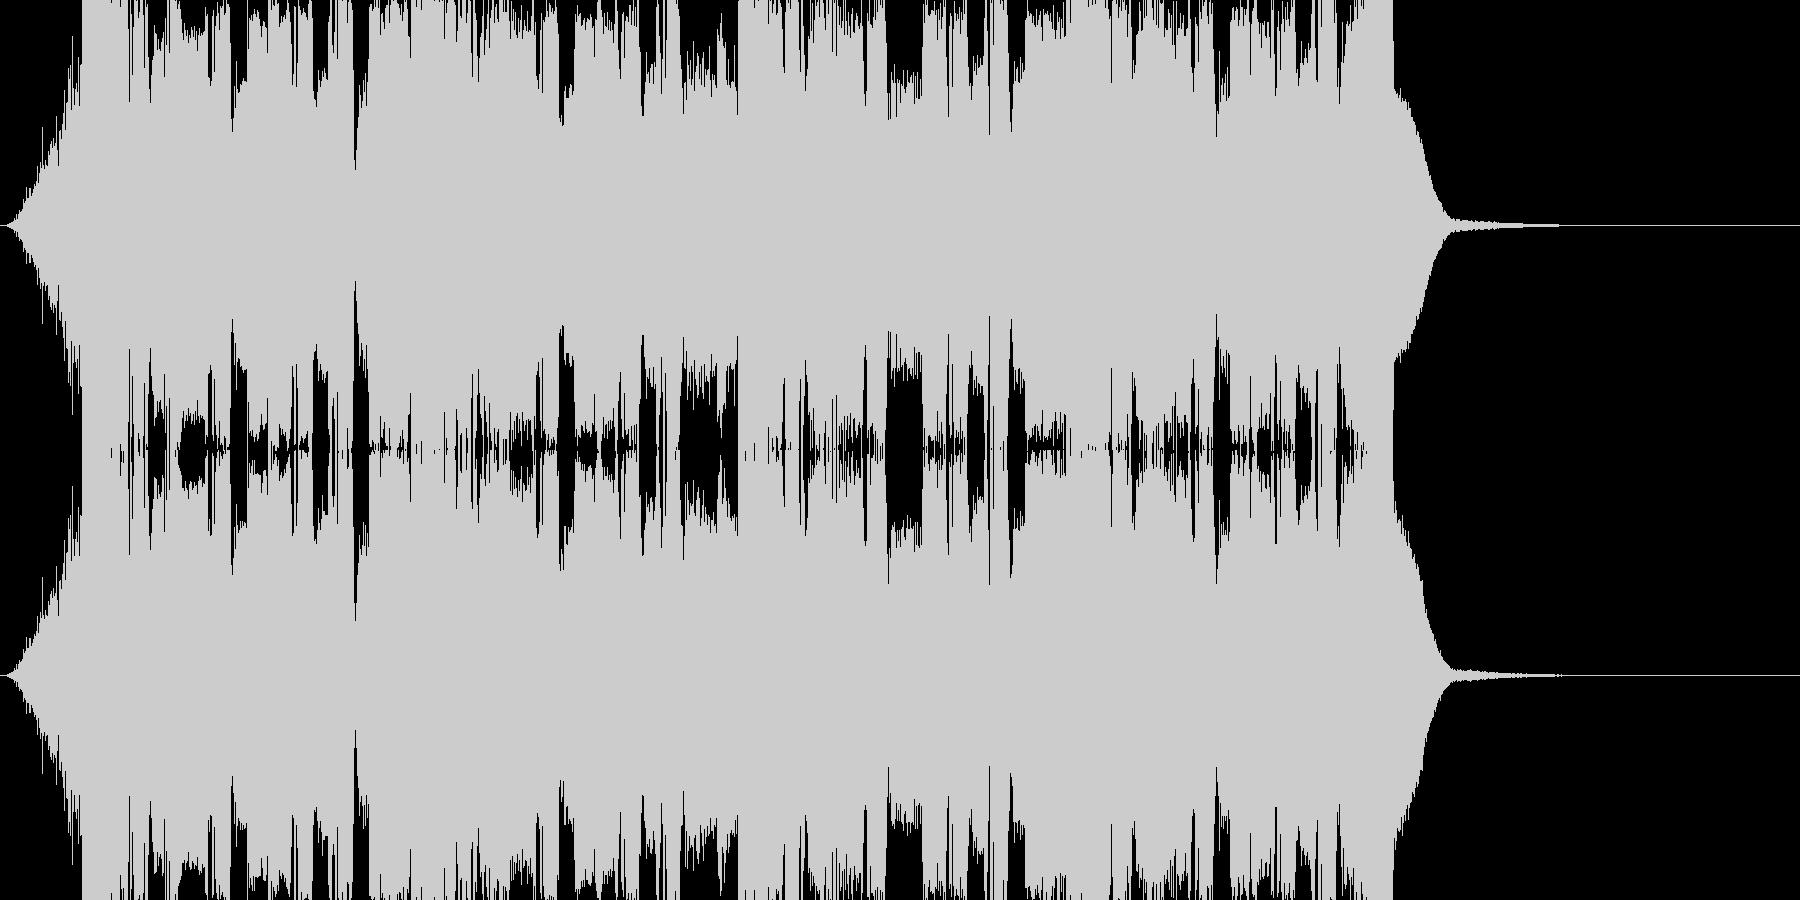 ゆったりテクノ/少し長めのエンドSEの未再生の波形